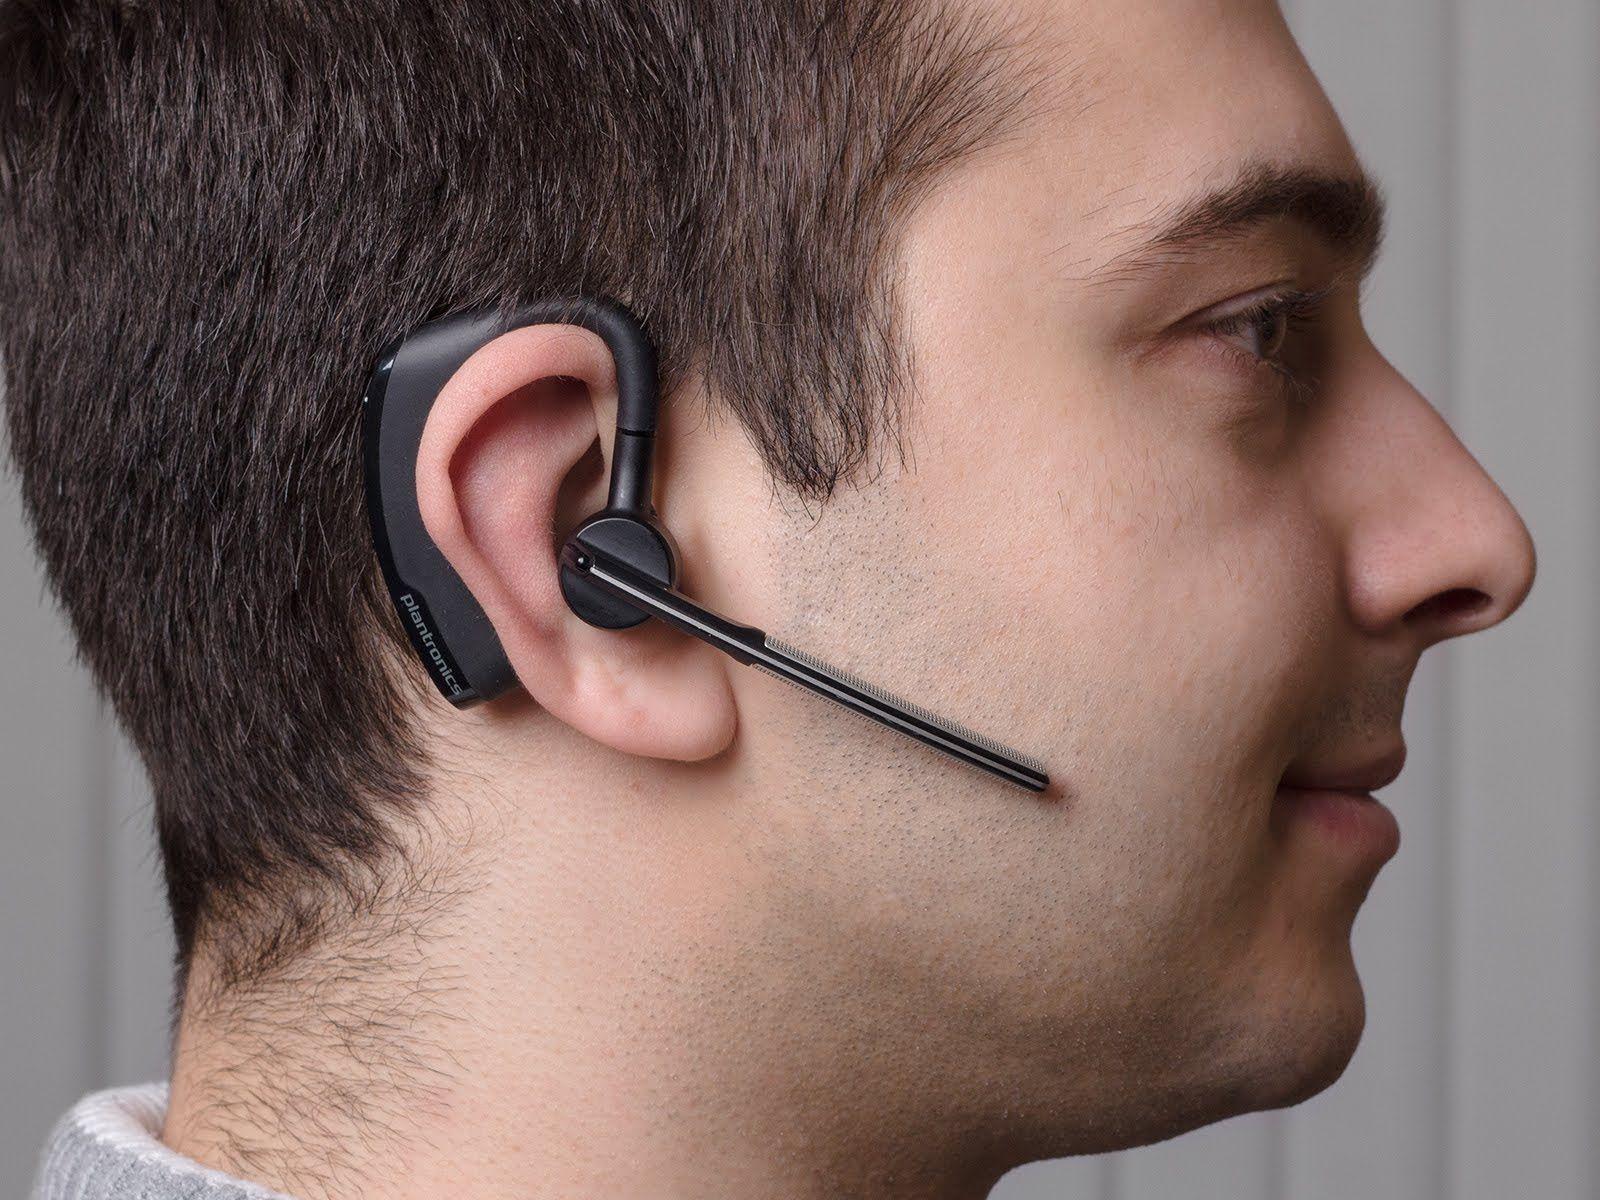 Plantronics Voyager Pro HD là sản phẩm chuyên sử dụng để đàm thoại